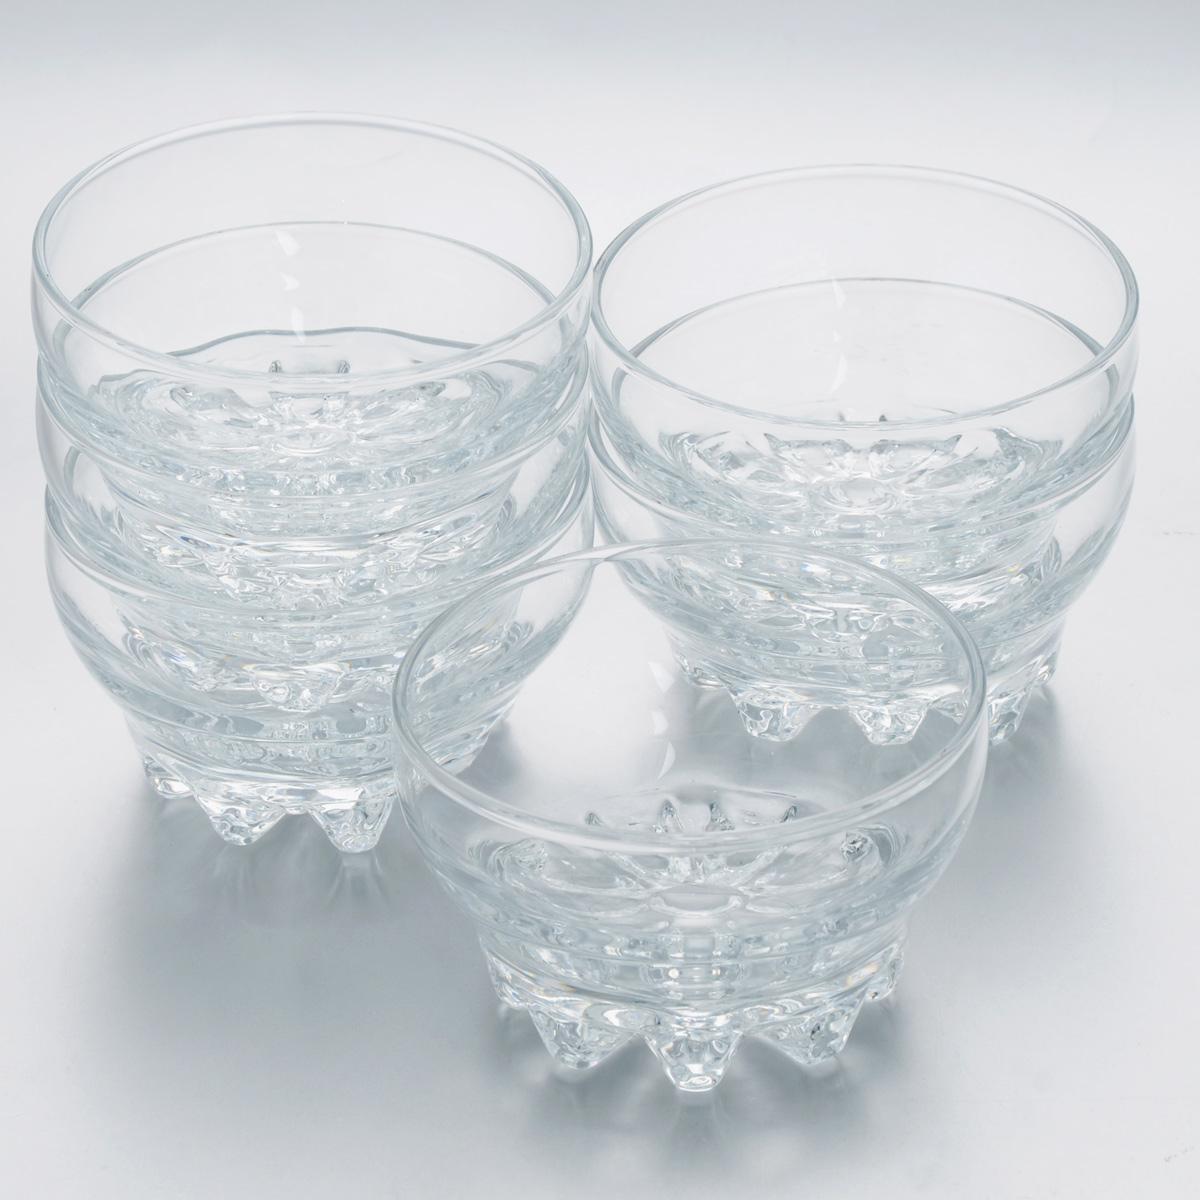 Набор салатников Pasabahce Sylvana, диаметр 10,2 см, 6 шт43258BНабор Pasabahce Sylvana, выполненный из высококачественного натрий-кальций-силикатного стекла, состоит из шести салатников. Такие салатники прекрасно подходят для порционной сервировки десертов, а также варенья, различных соусов и закусок. Изящный дизайн, высокое качество и функциональность набора Pasabahce Sylvana позволят ему стать достойным дополнением к вашему кухонному инвентарю. Можно мыть в посудомоечной машине, использовать в микроволновой печи, холодильнике и морозильной камере. Диаметр салатника: 10,2 см.